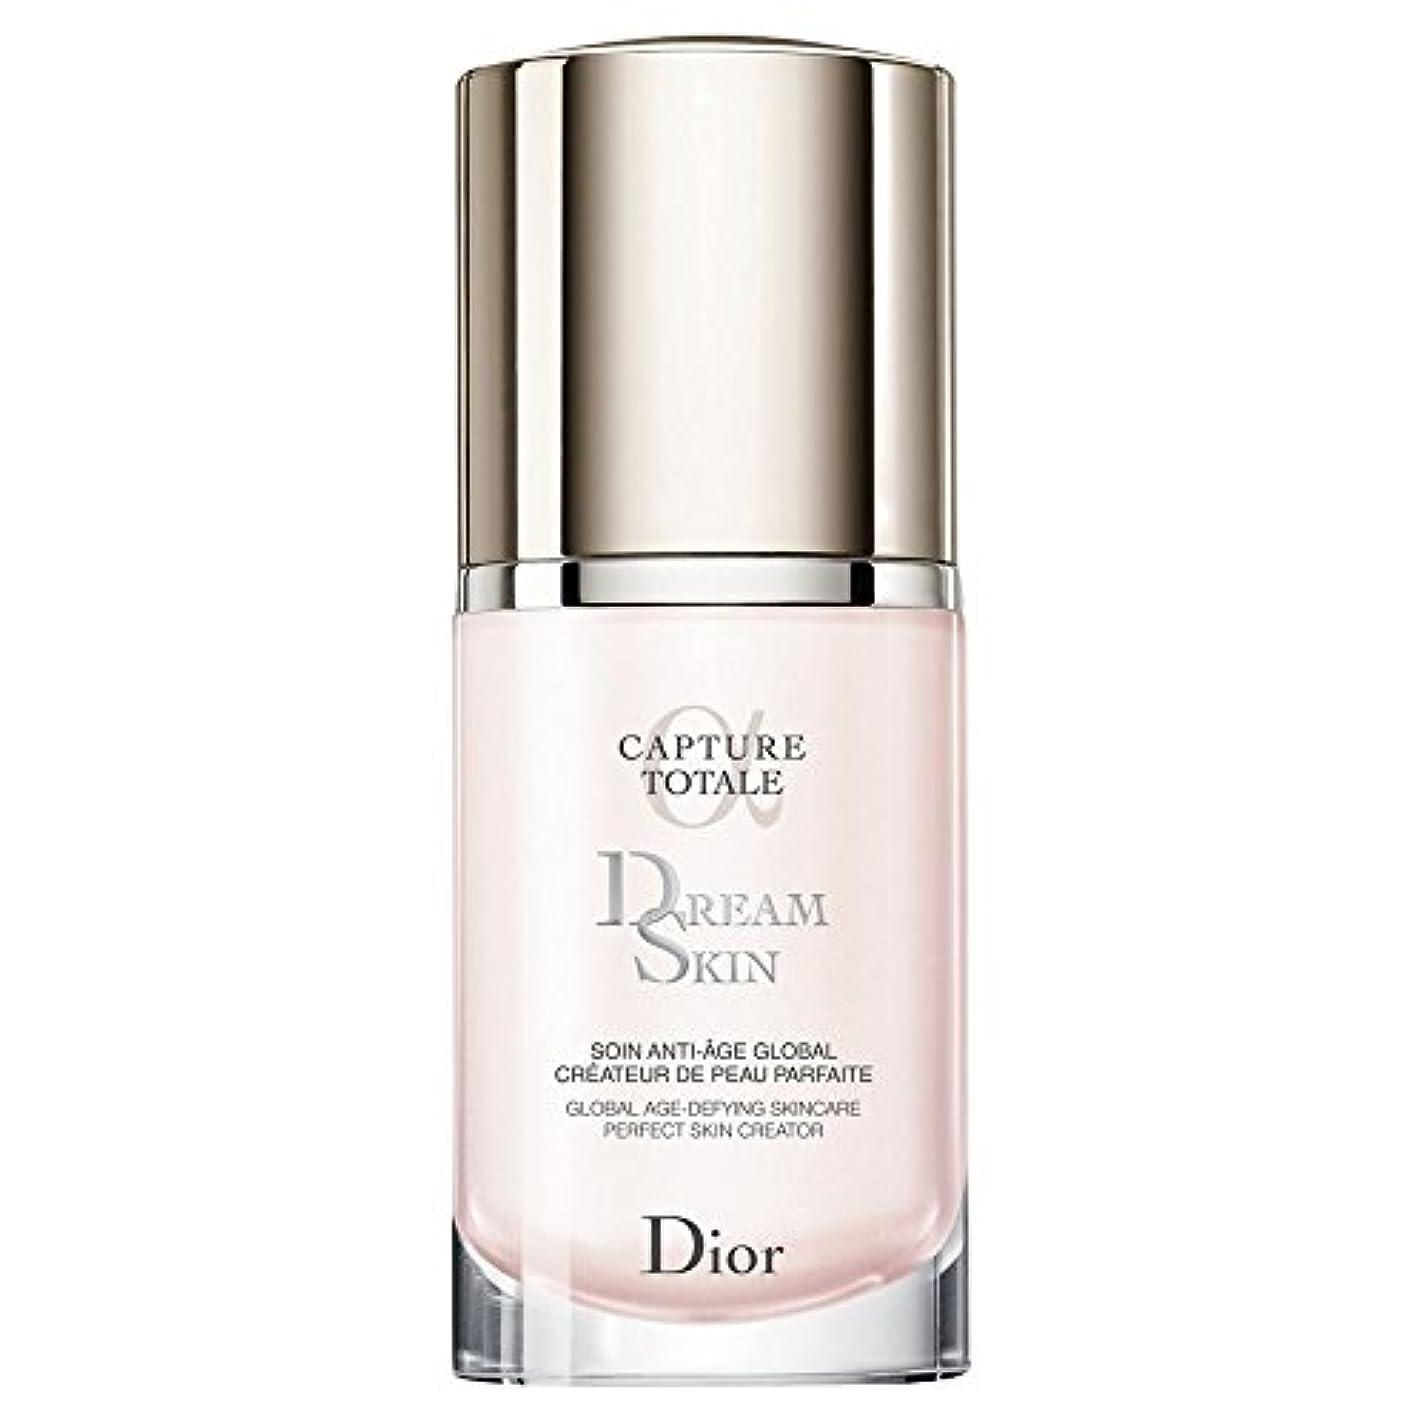 先駆者慢な明らかに[Dior] ディオールカプチュールトータルのDreamskin 30ミリリットル - Dior Capture Totale Dreamskin 30ml [並行輸入品]